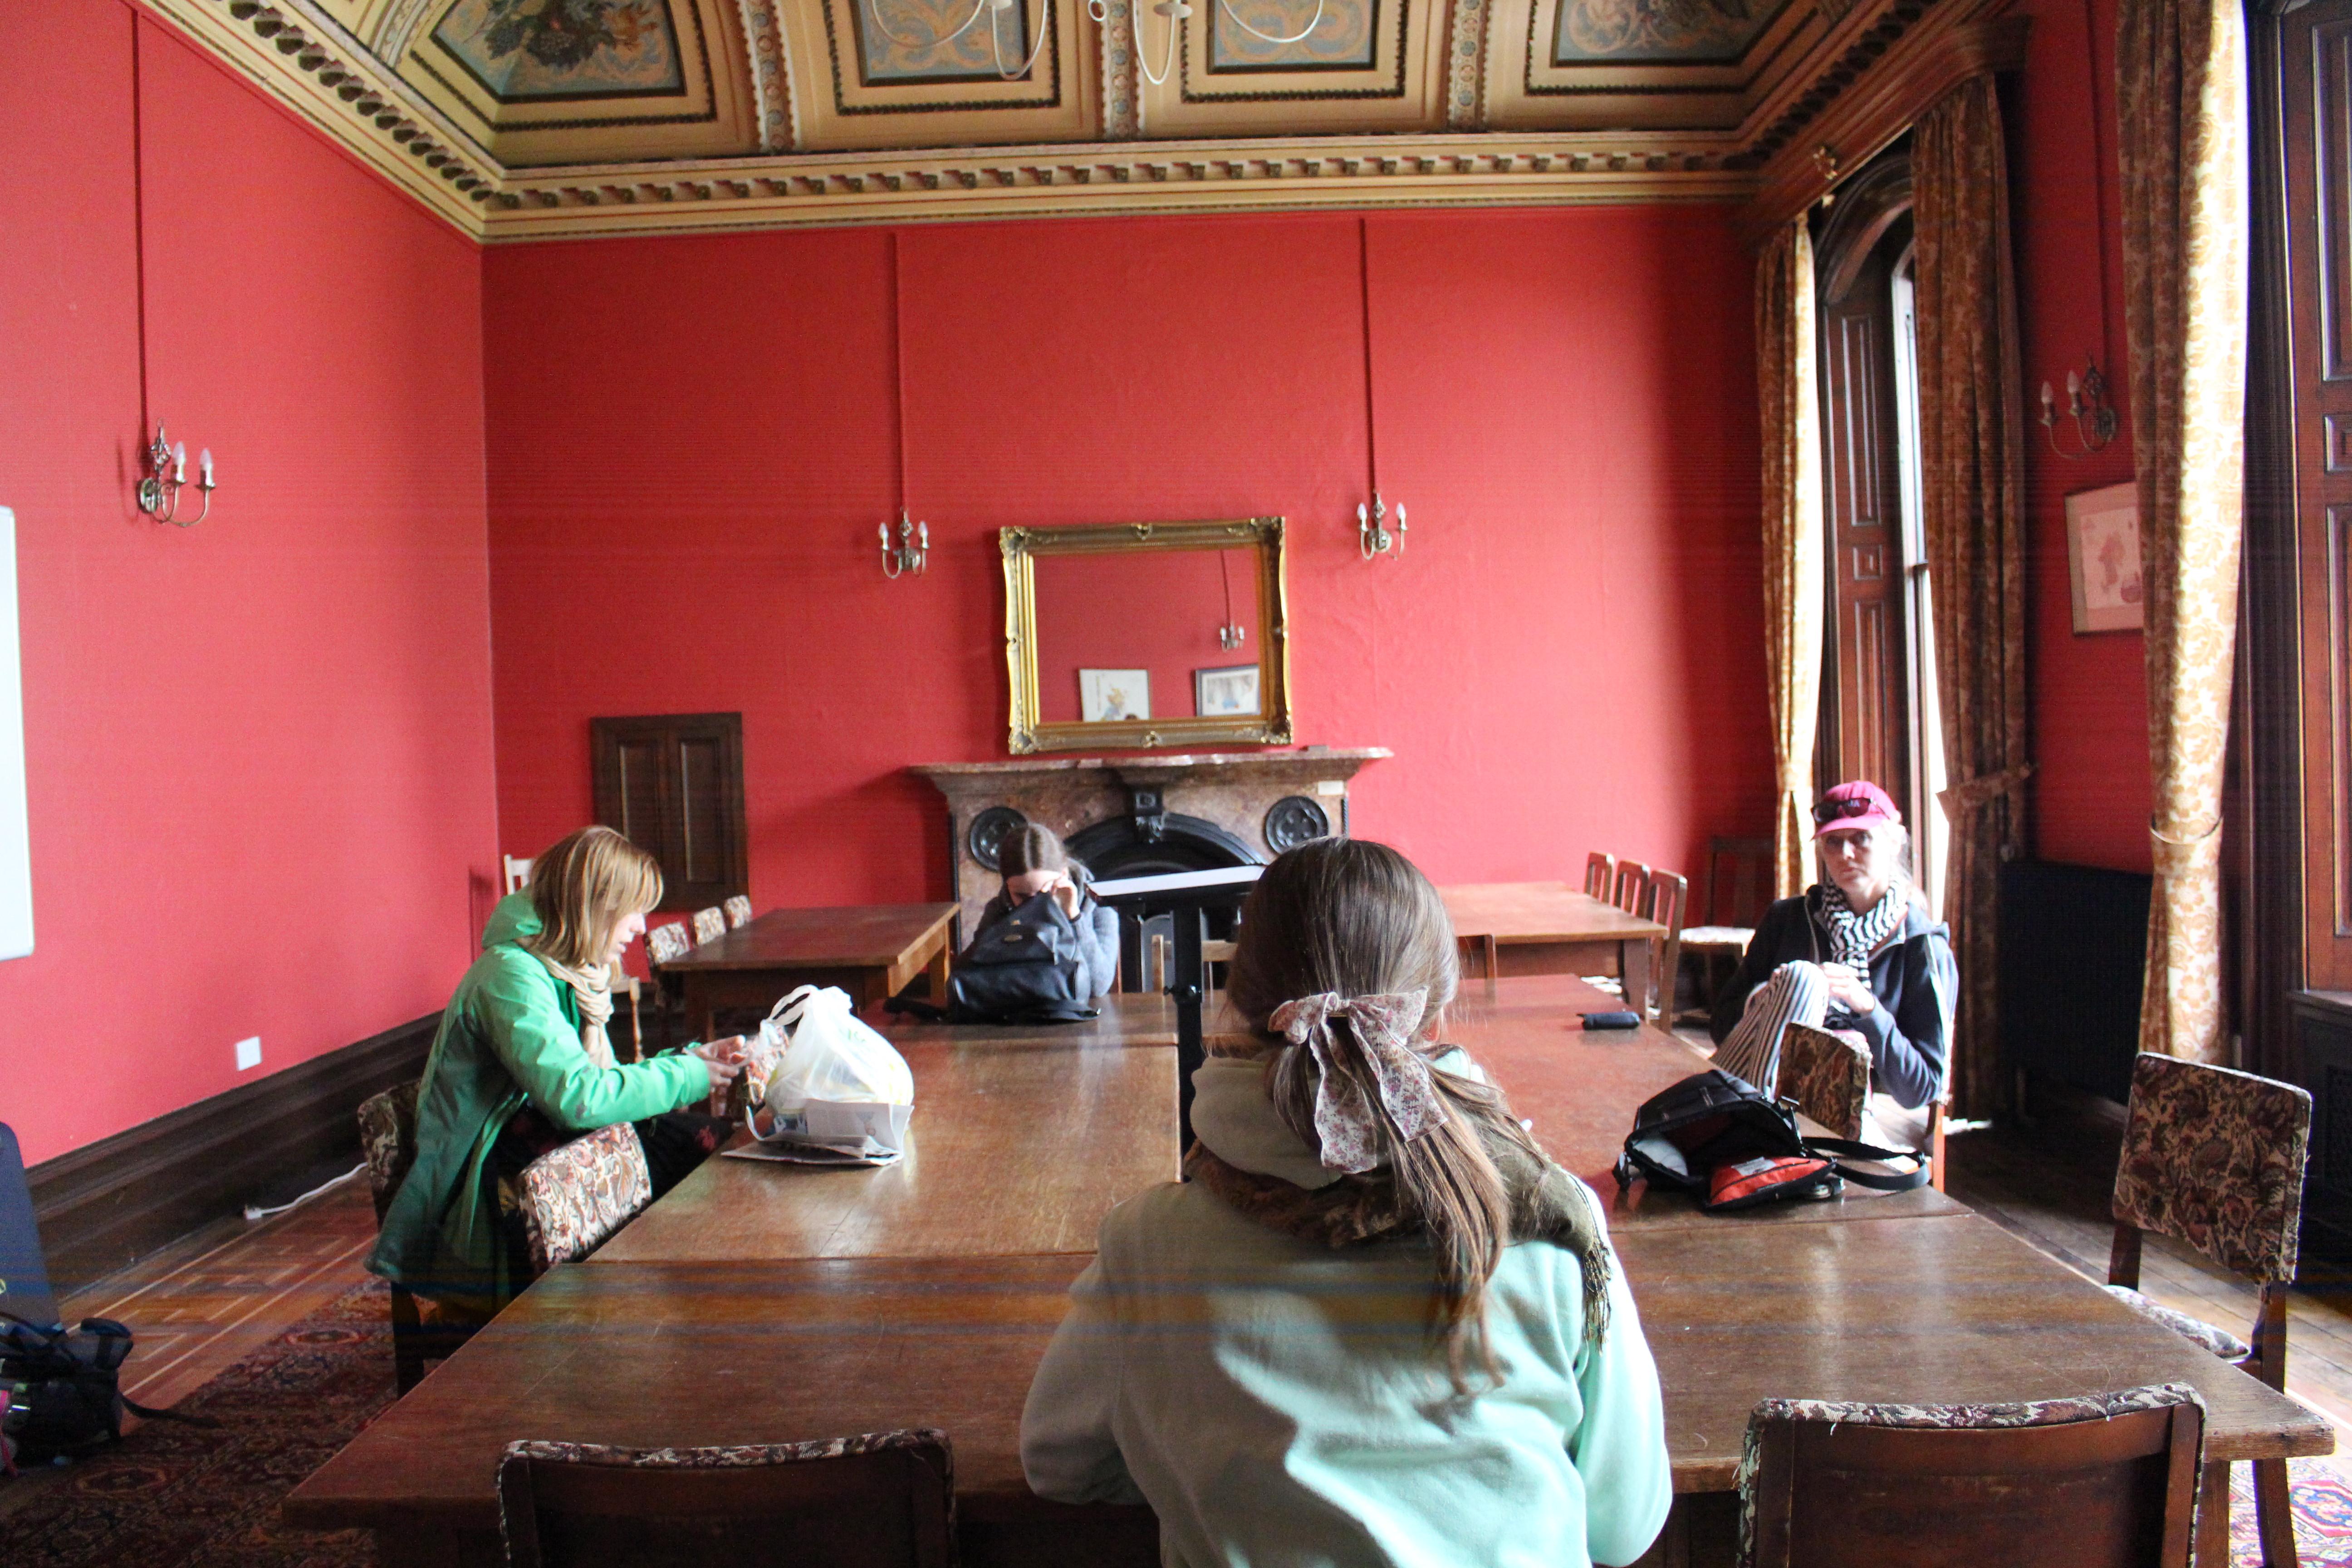 Kamīnzāle - telpa, kur mēs pulcējamies pirms un pēc visām nodarbībām, kā arī vakaros.